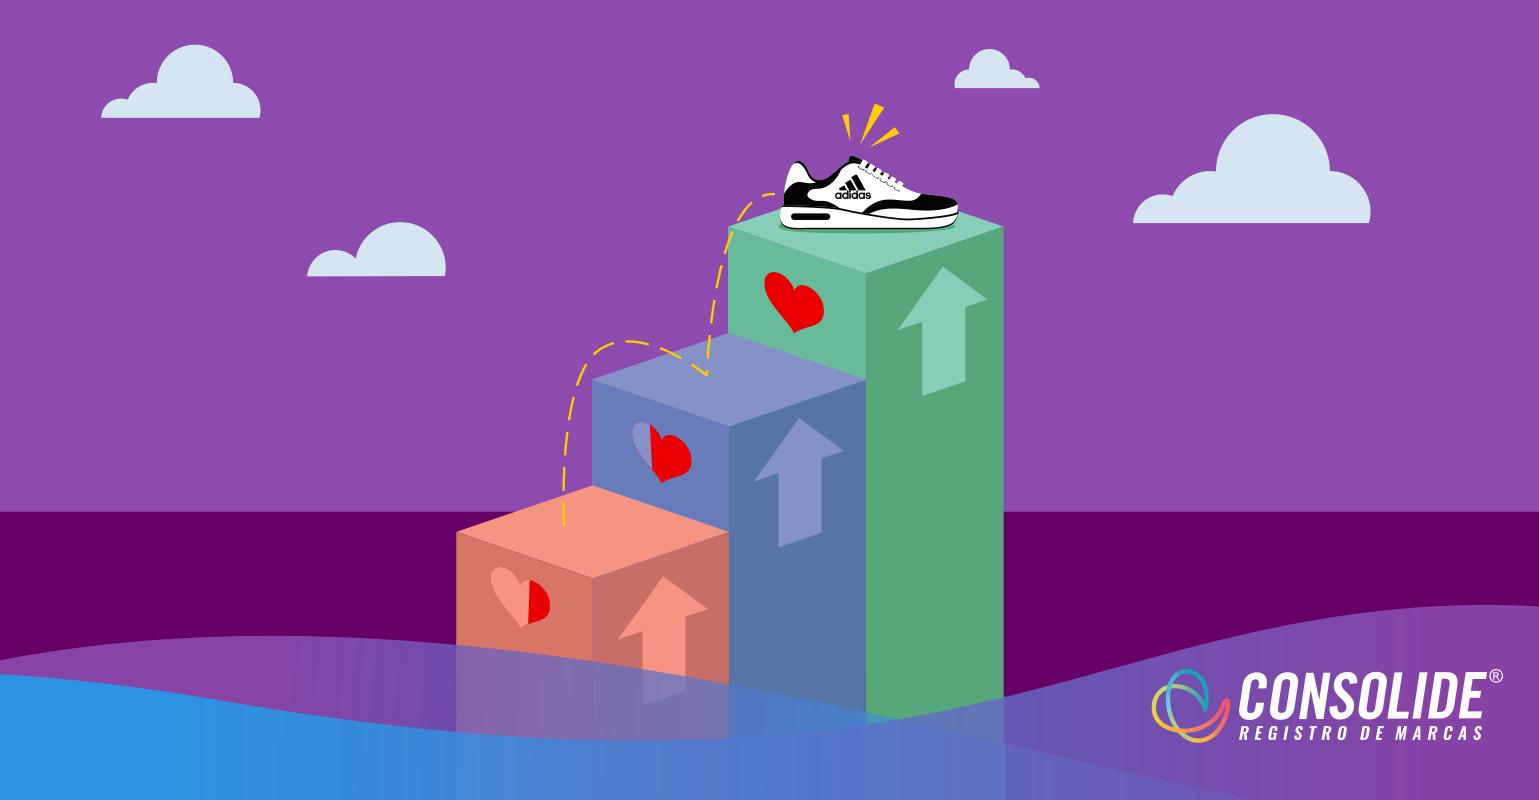 História da Adidas: o que você pode aprender com a marca